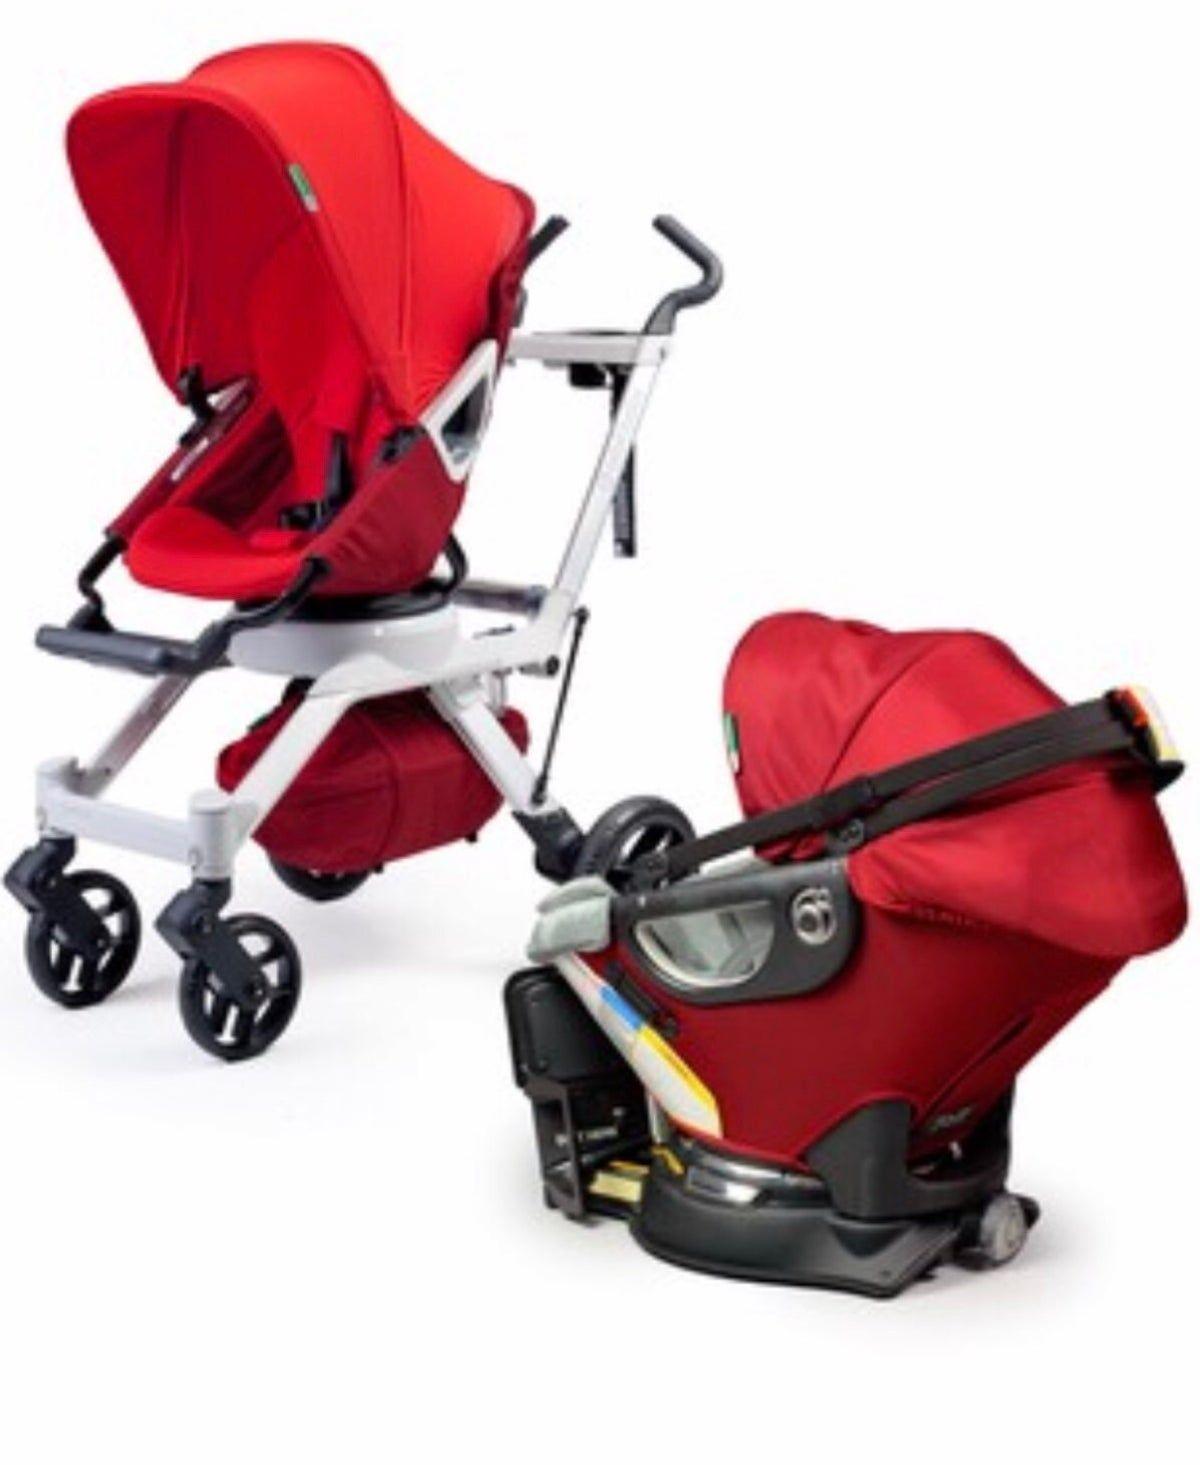 40+ Orbit g2 stroller seat information